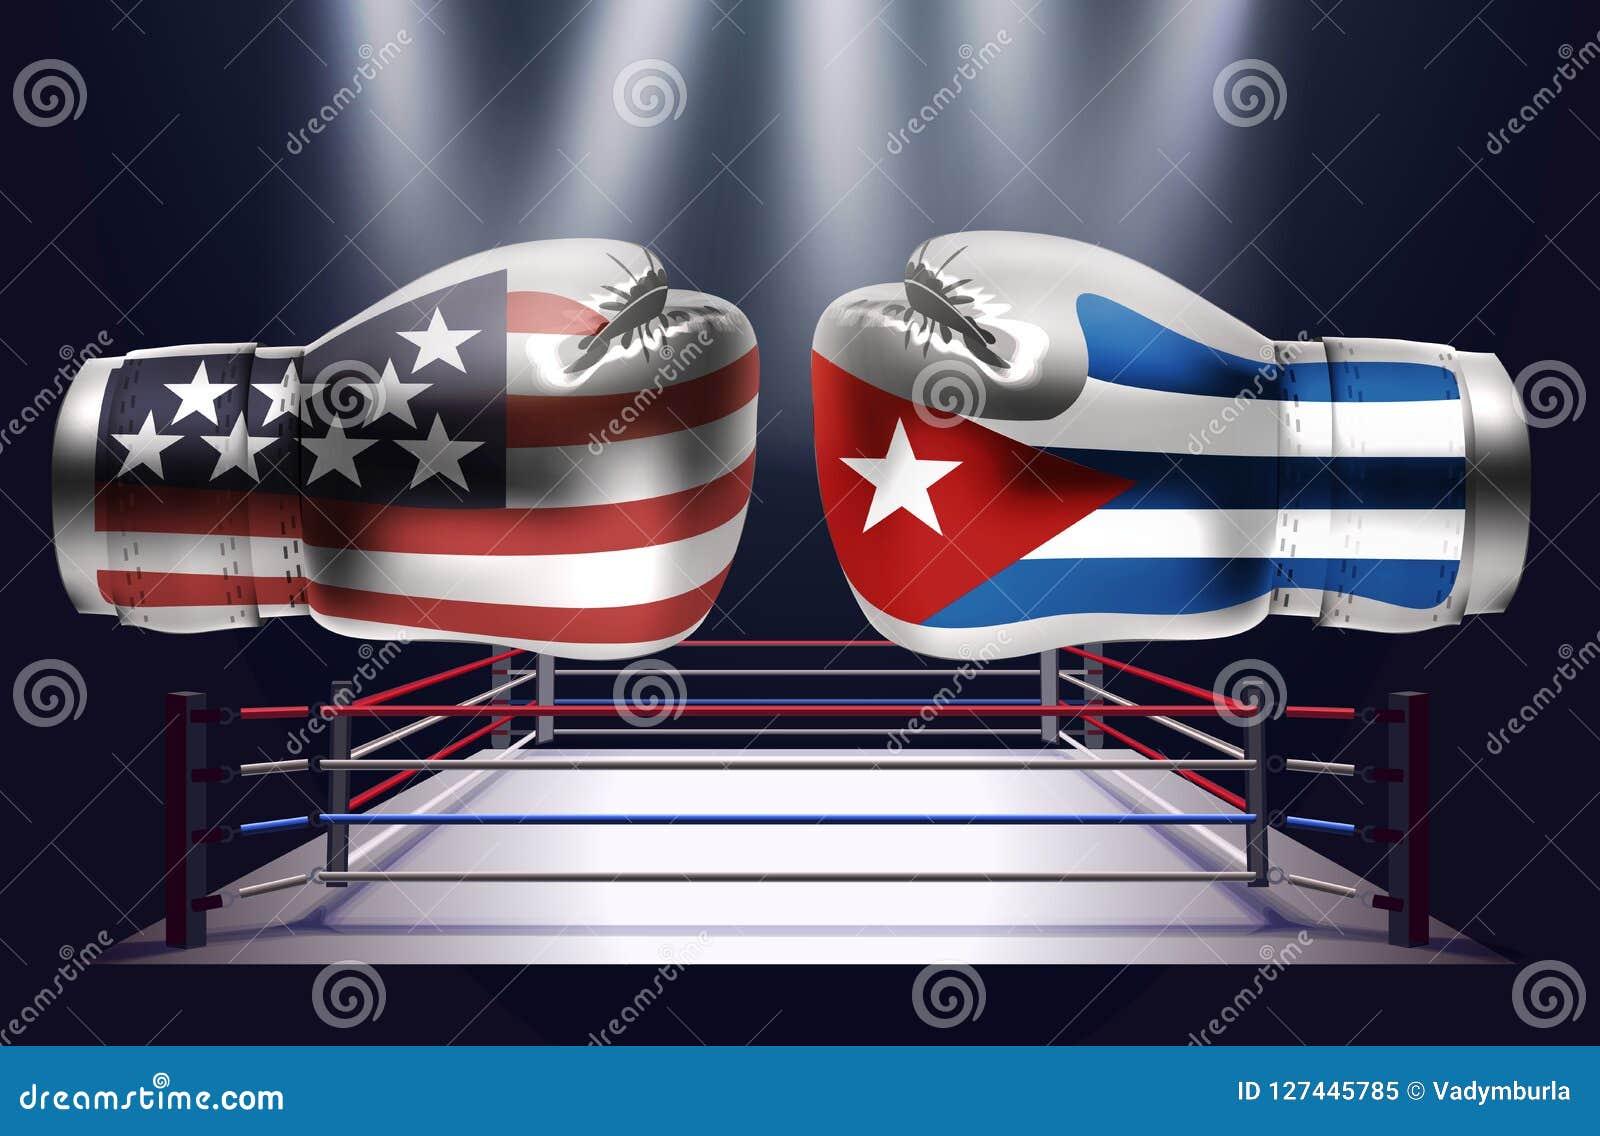 Gants de boxe avec des copies des Etats-Unis et des drapeaux du Cuba faisant face à chacun